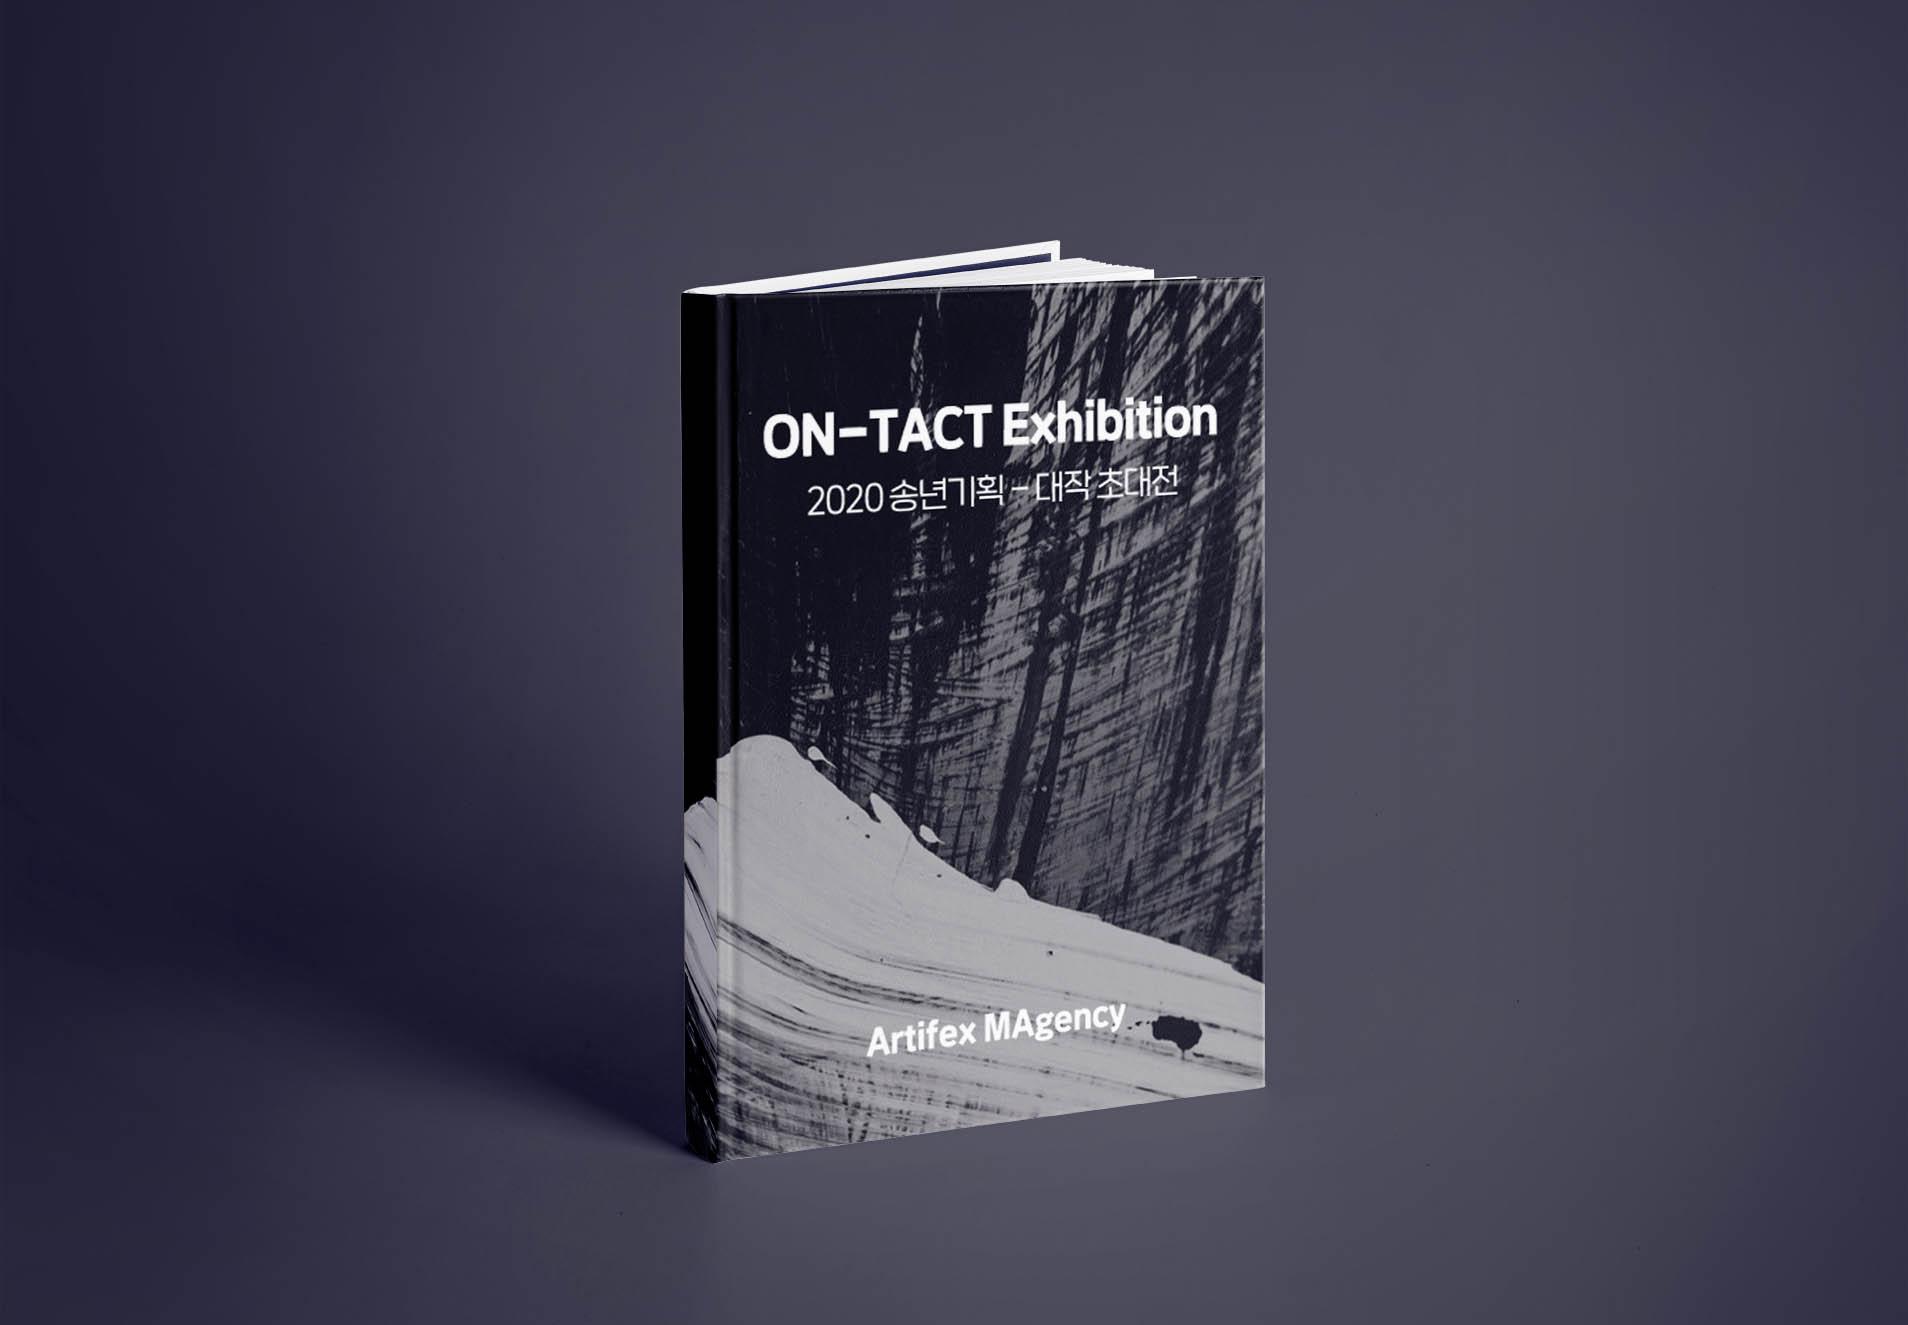 2020 송년기획-대작 초대전 <ON-TACT Exhibition>